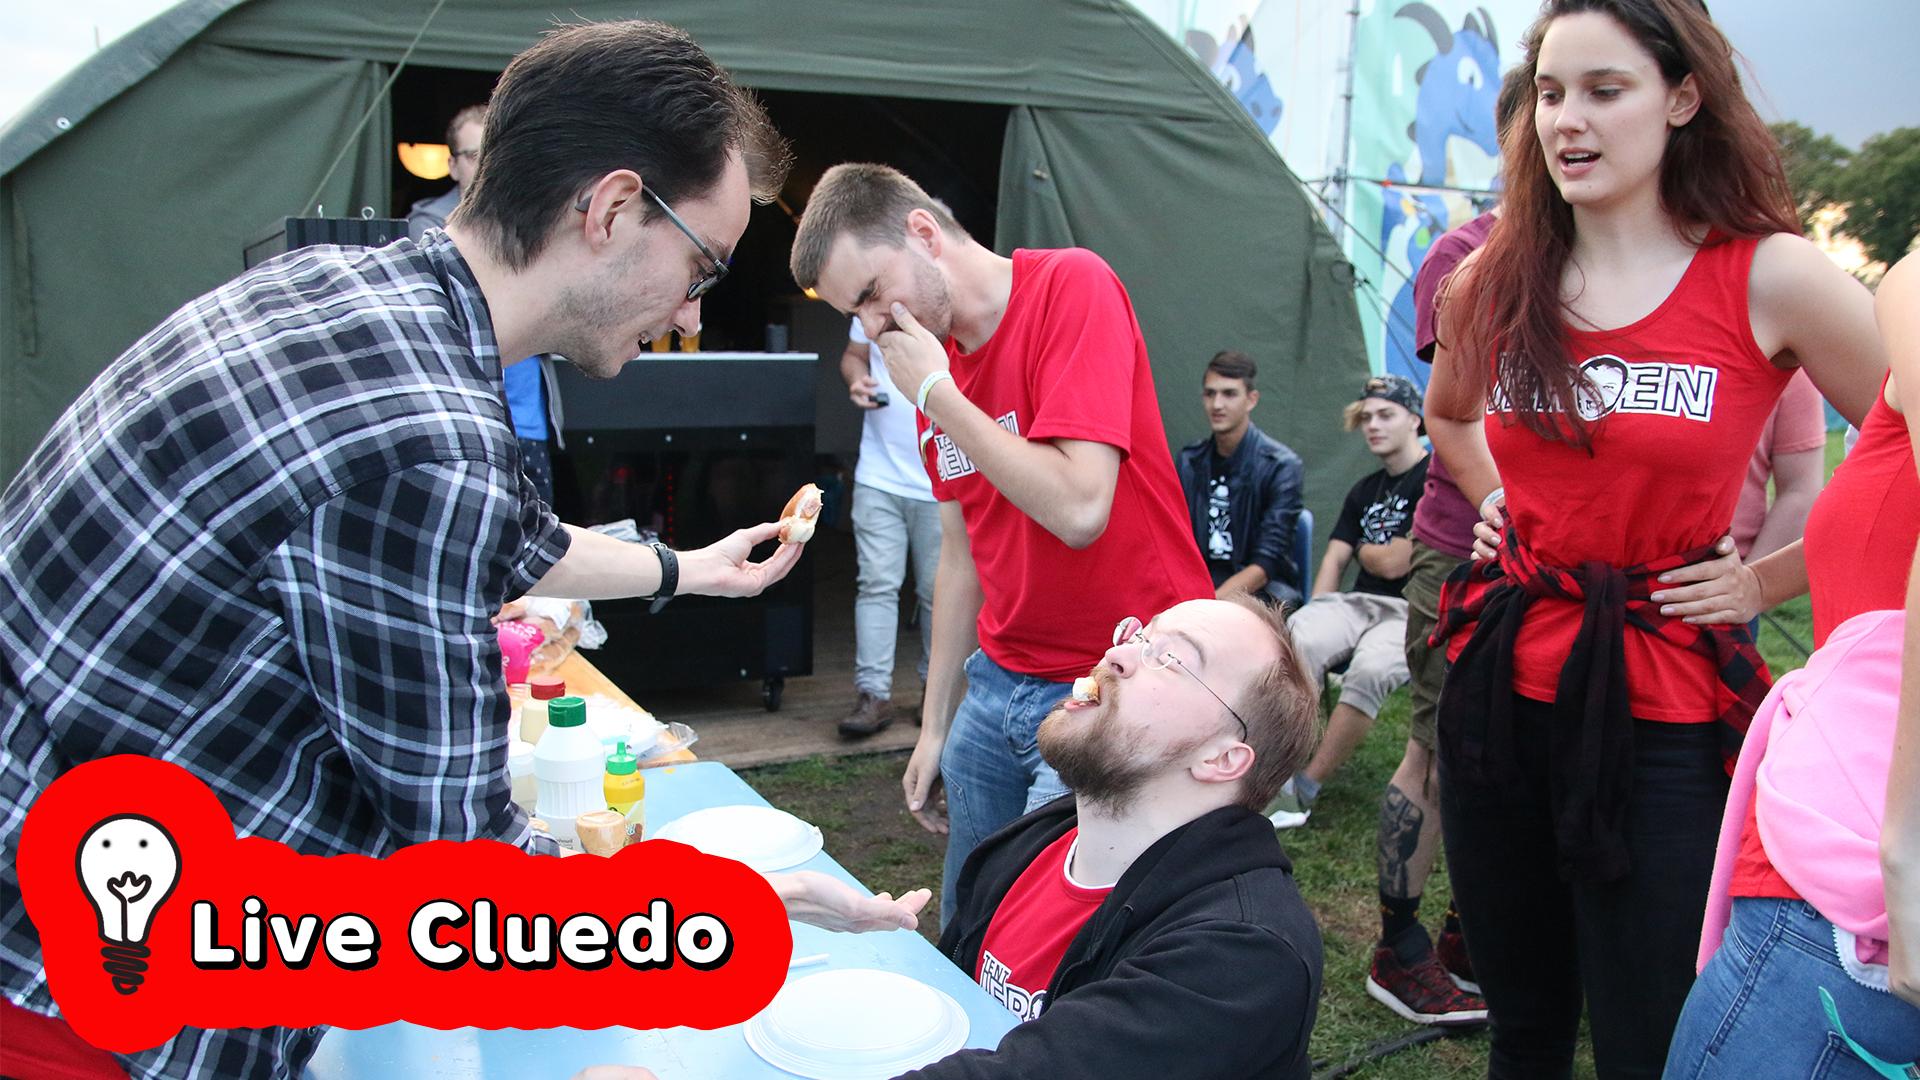 20:00 - Live Cluedo